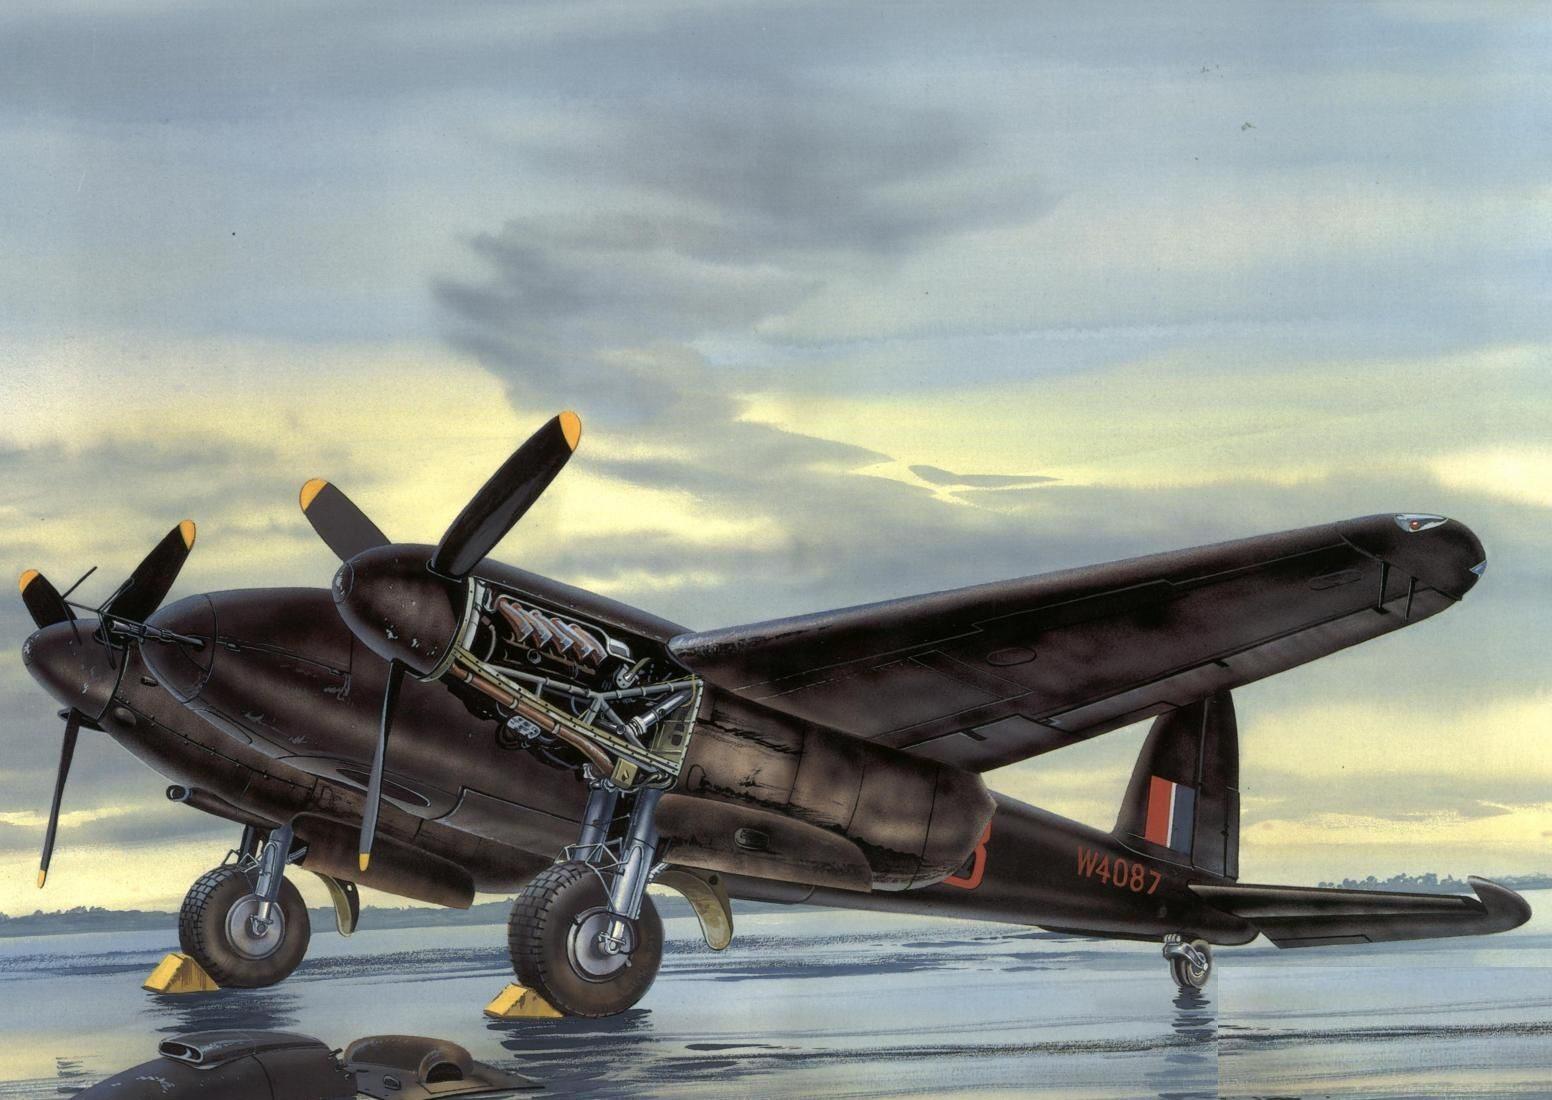 Greer Don. Истребитель Mosquito на аэродроме.